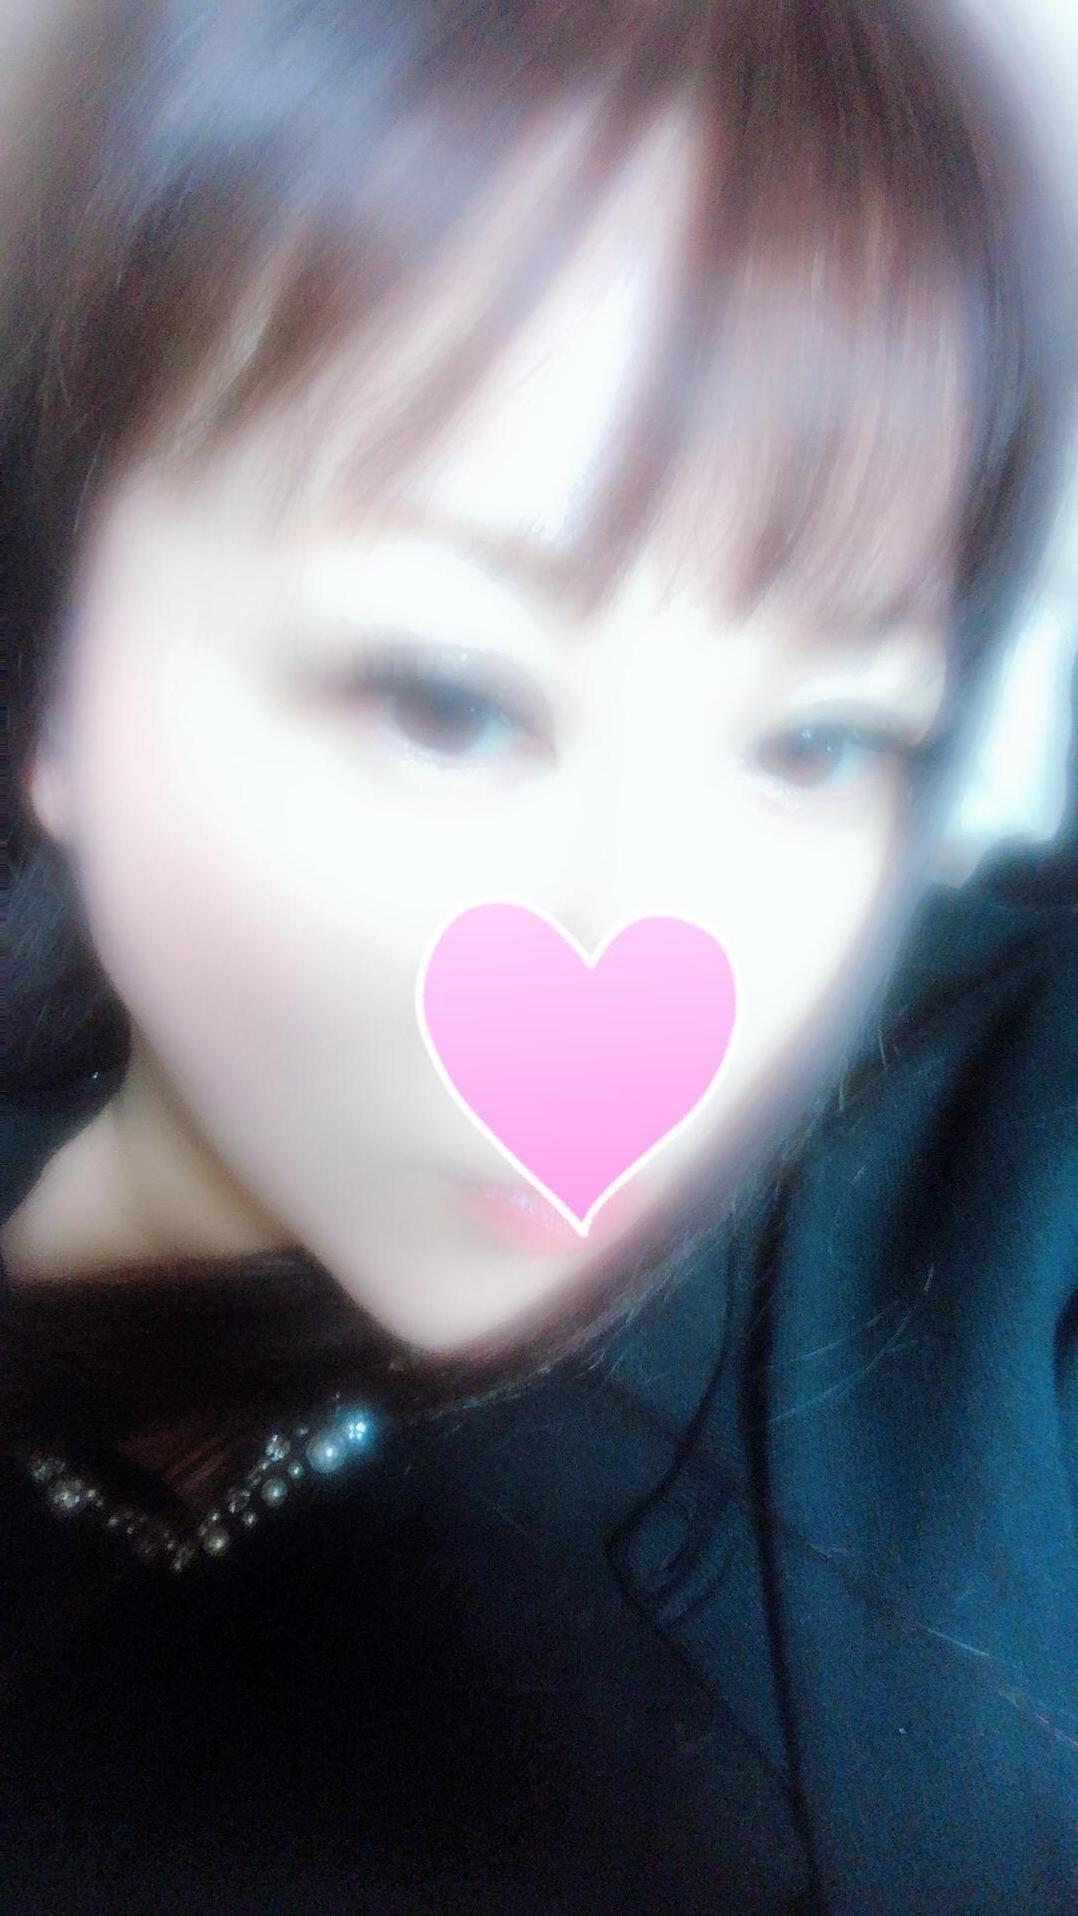 「月曜日」12/11(火) 06:27   れなの写メ・風俗動画